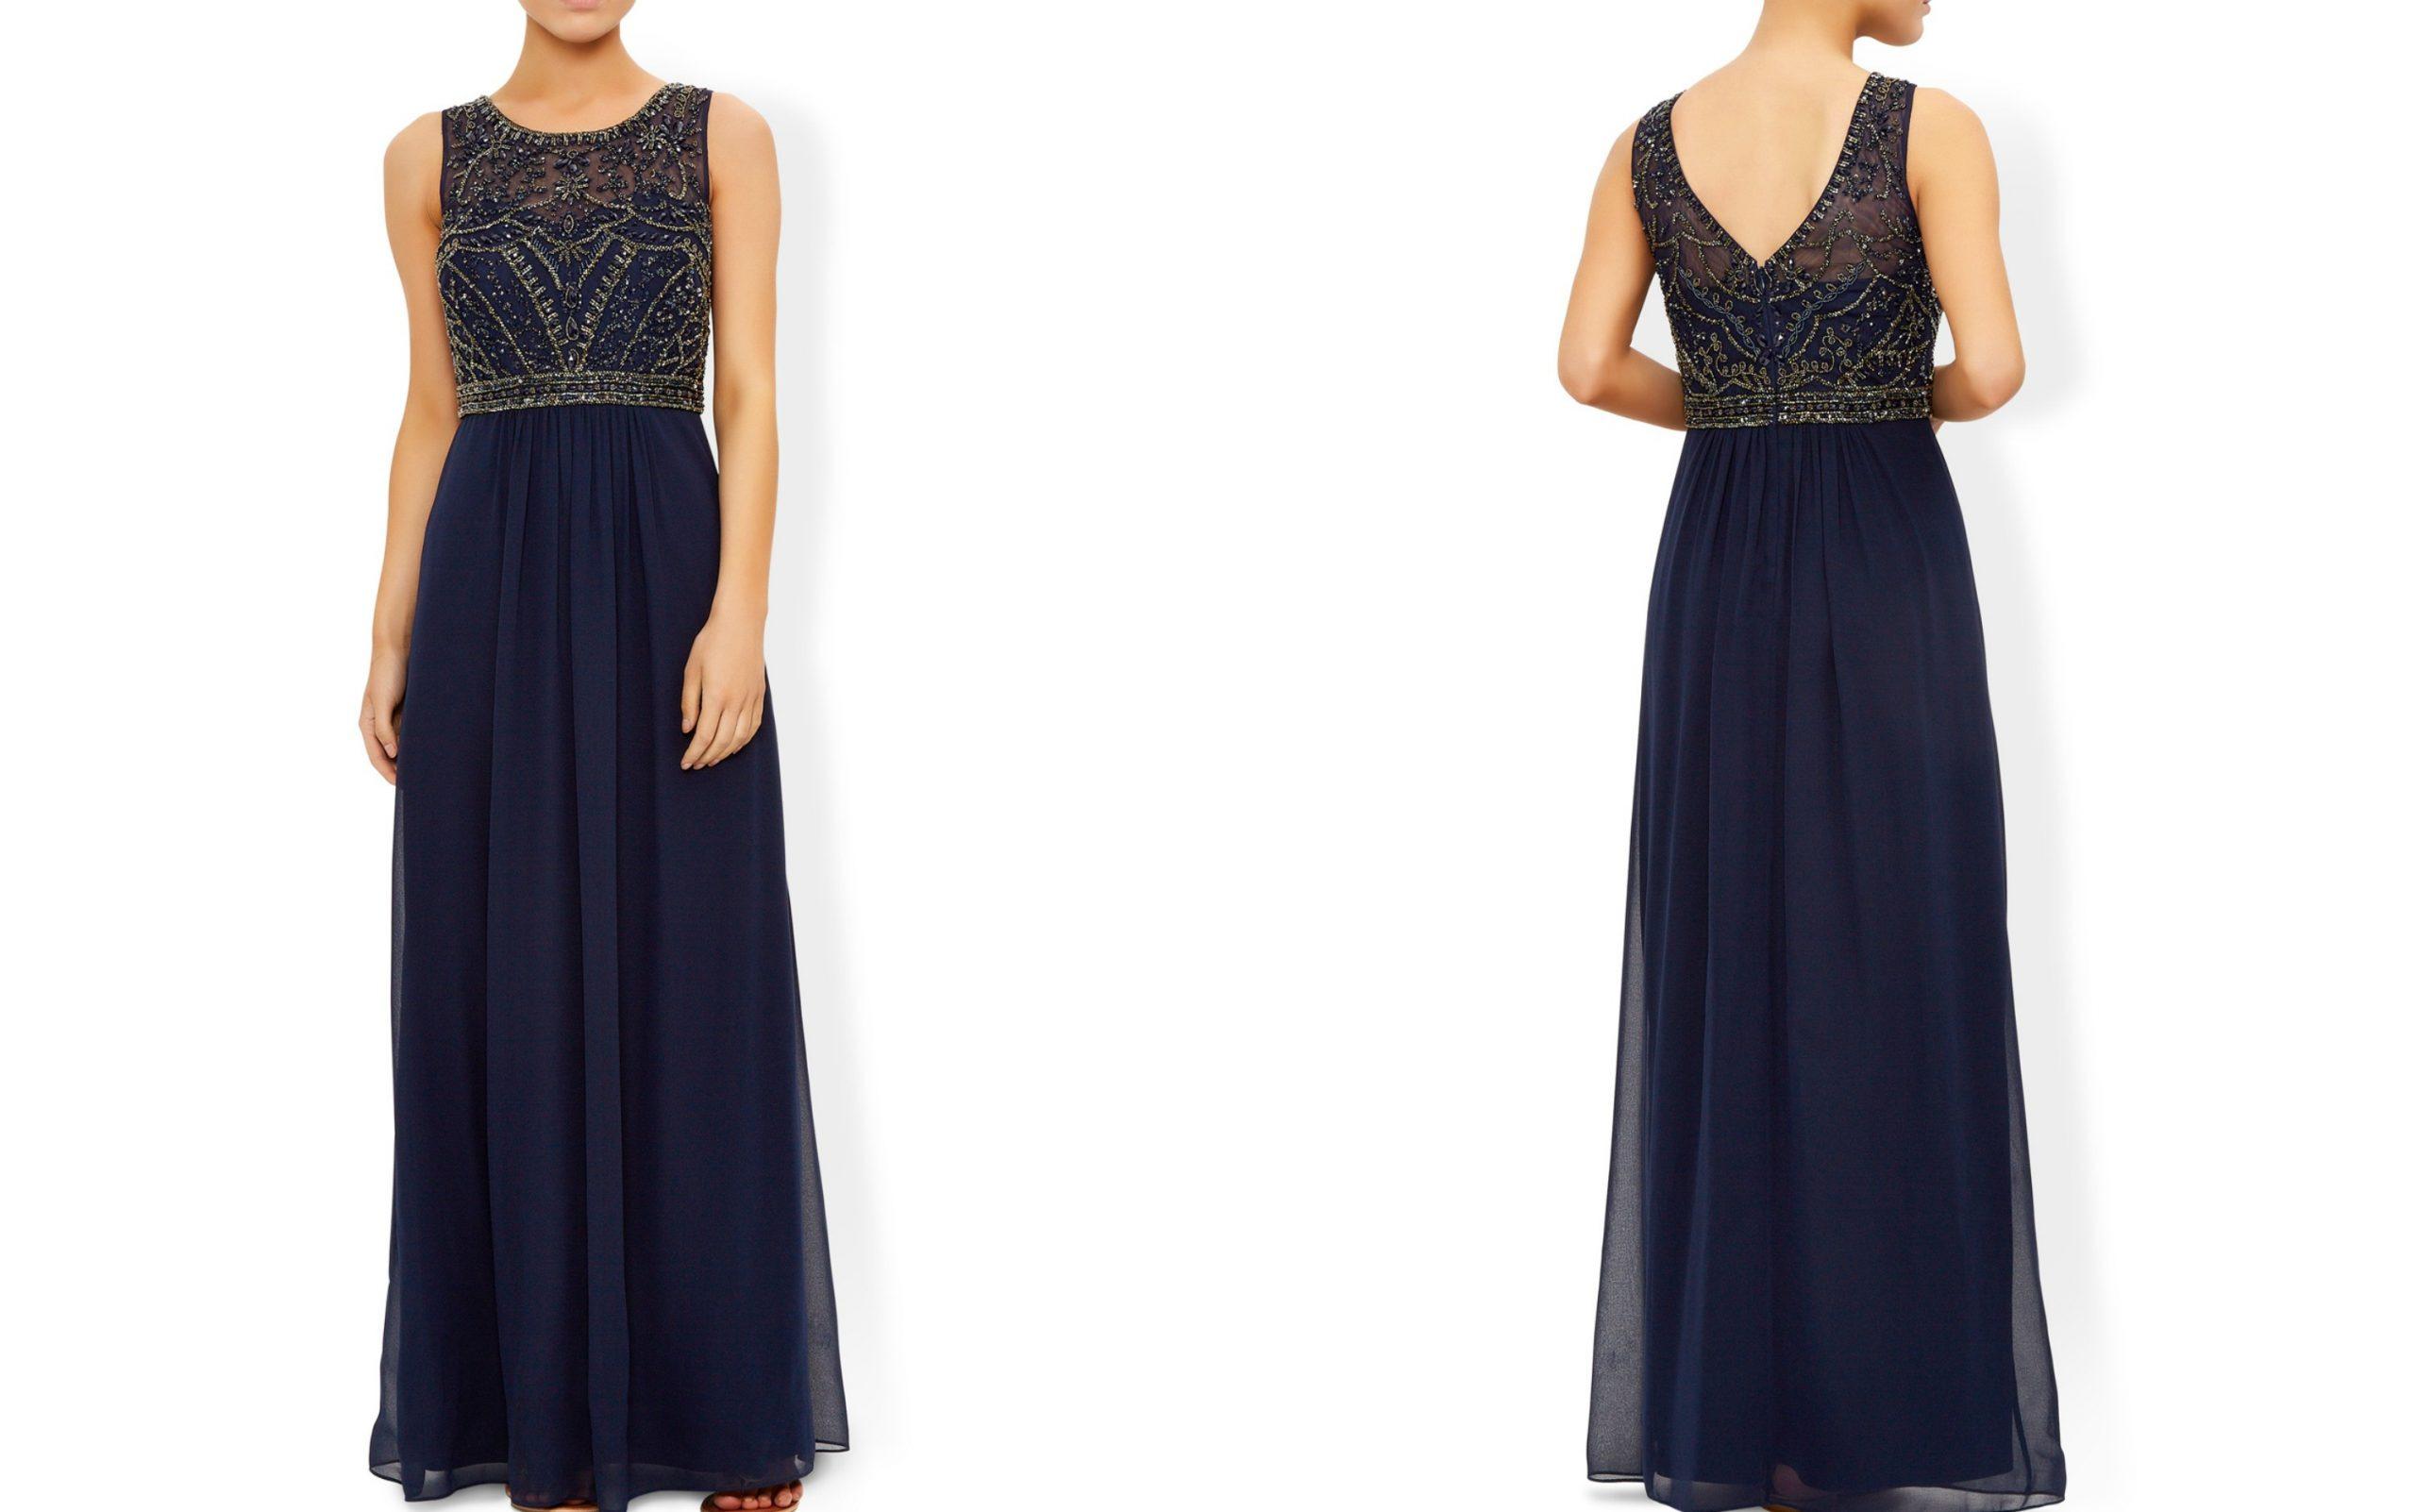 17 Leicht Fairtrade Abendkleid für 201920 Schön Fairtrade Abendkleid Ärmel